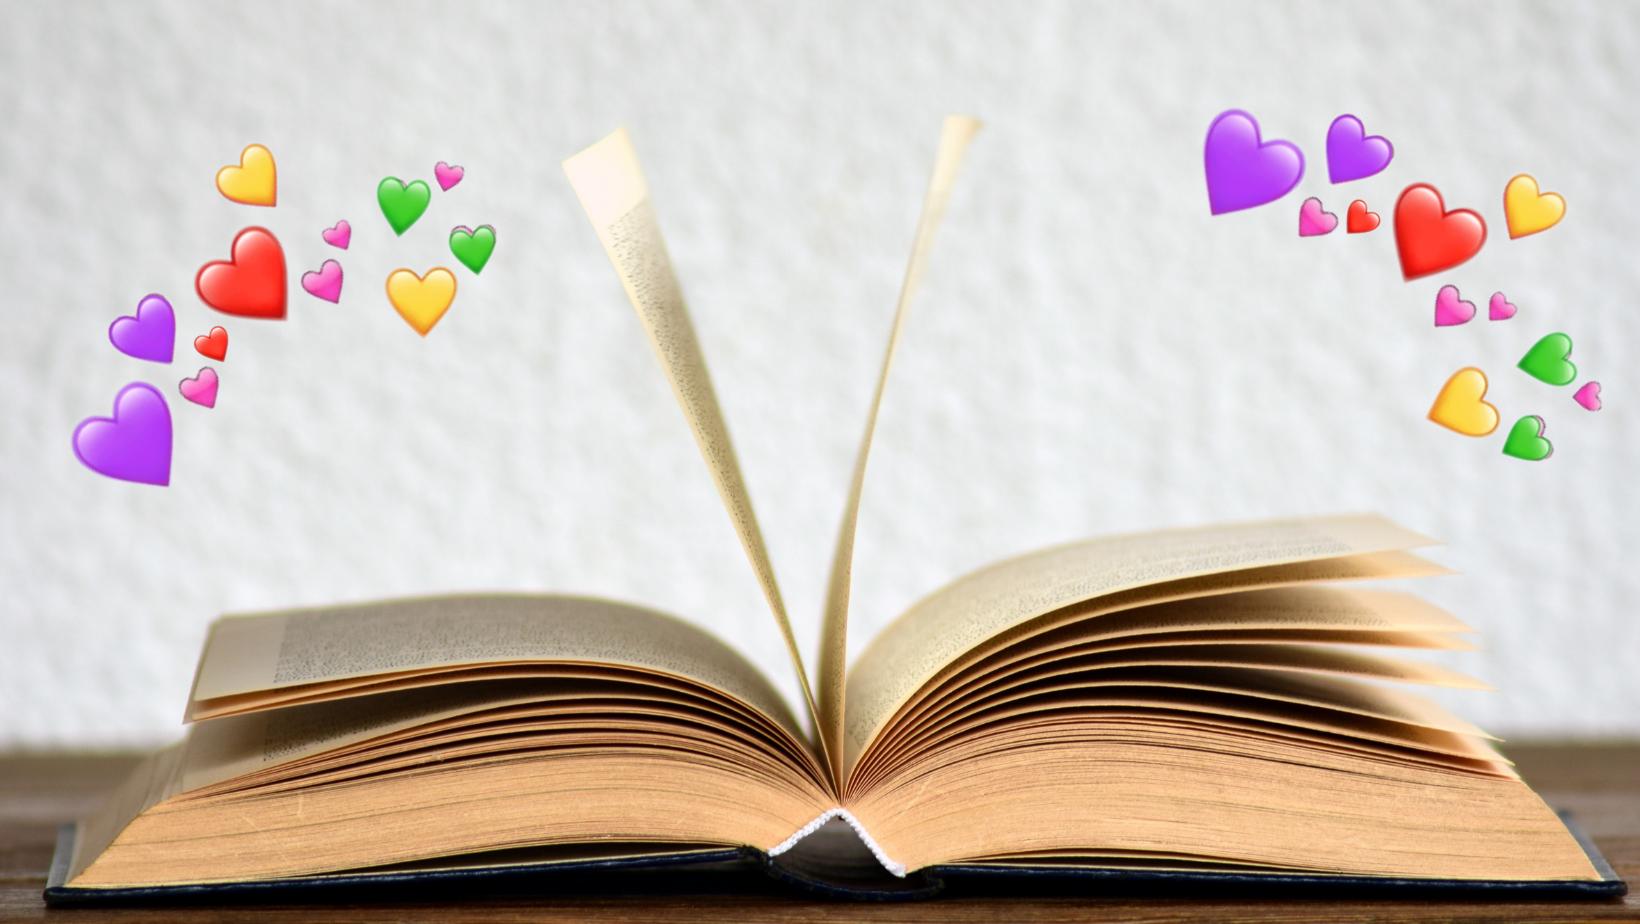 Livro com corações saindo